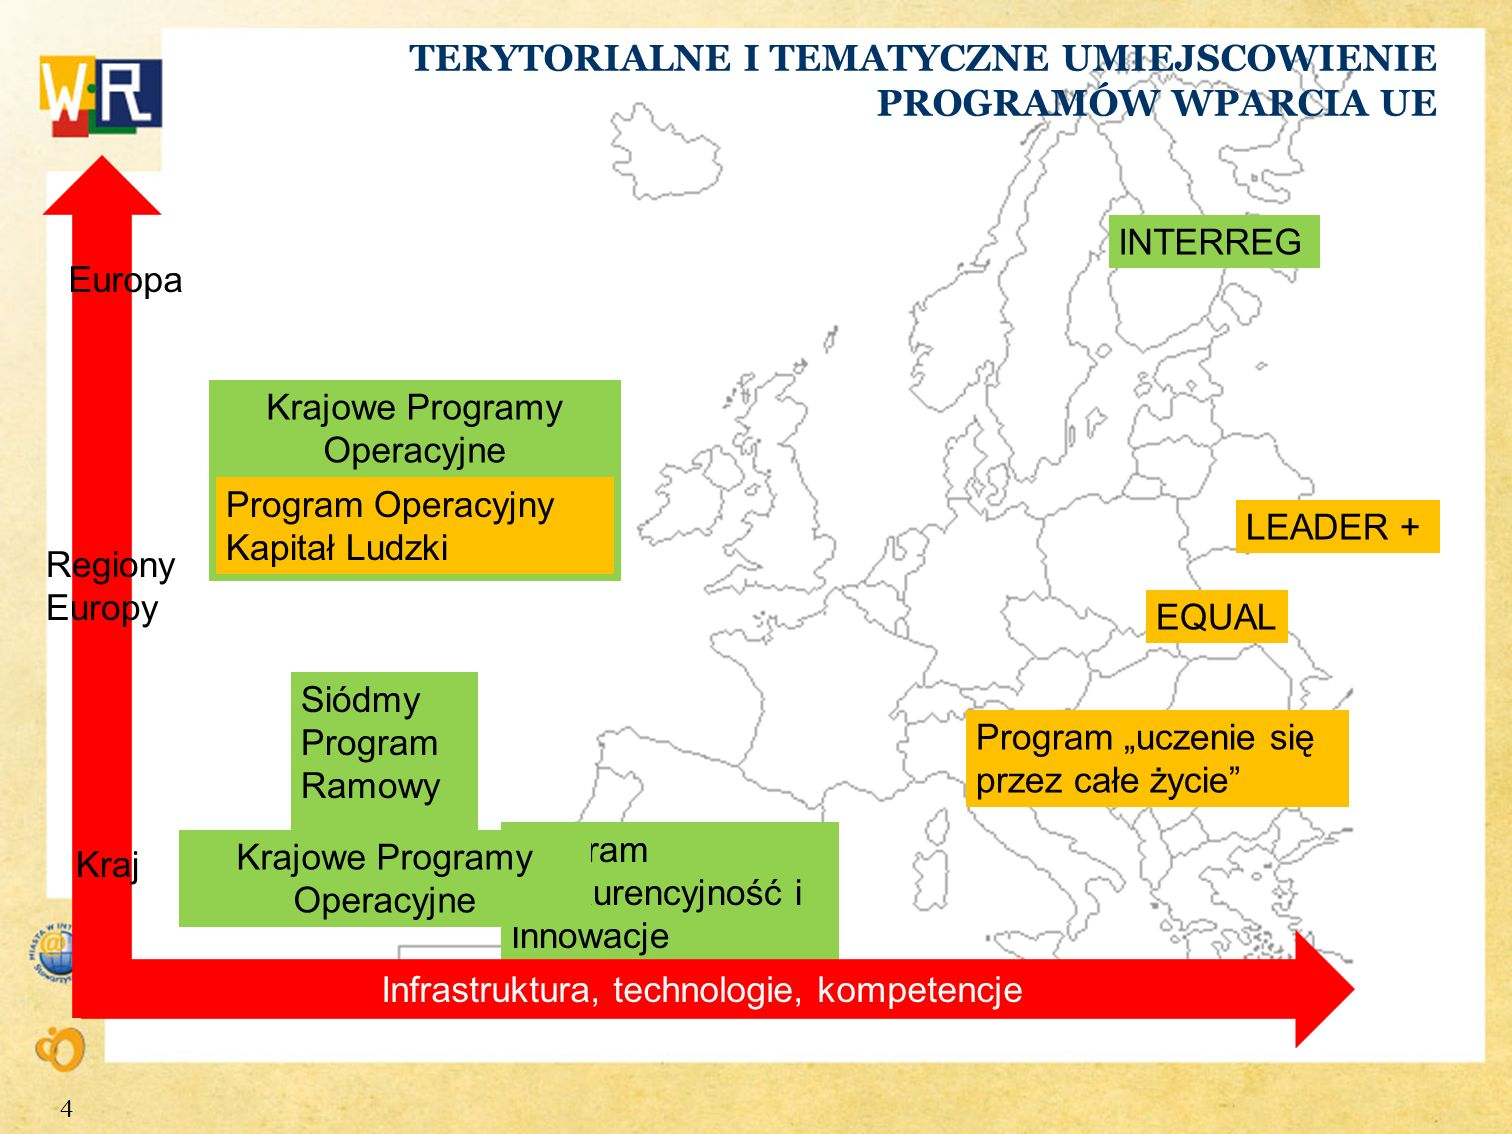 TERYTORIALNE I TEMATYCZNE UMIEJSCOWIENIE PROGRAMÓW WPARCIA UE